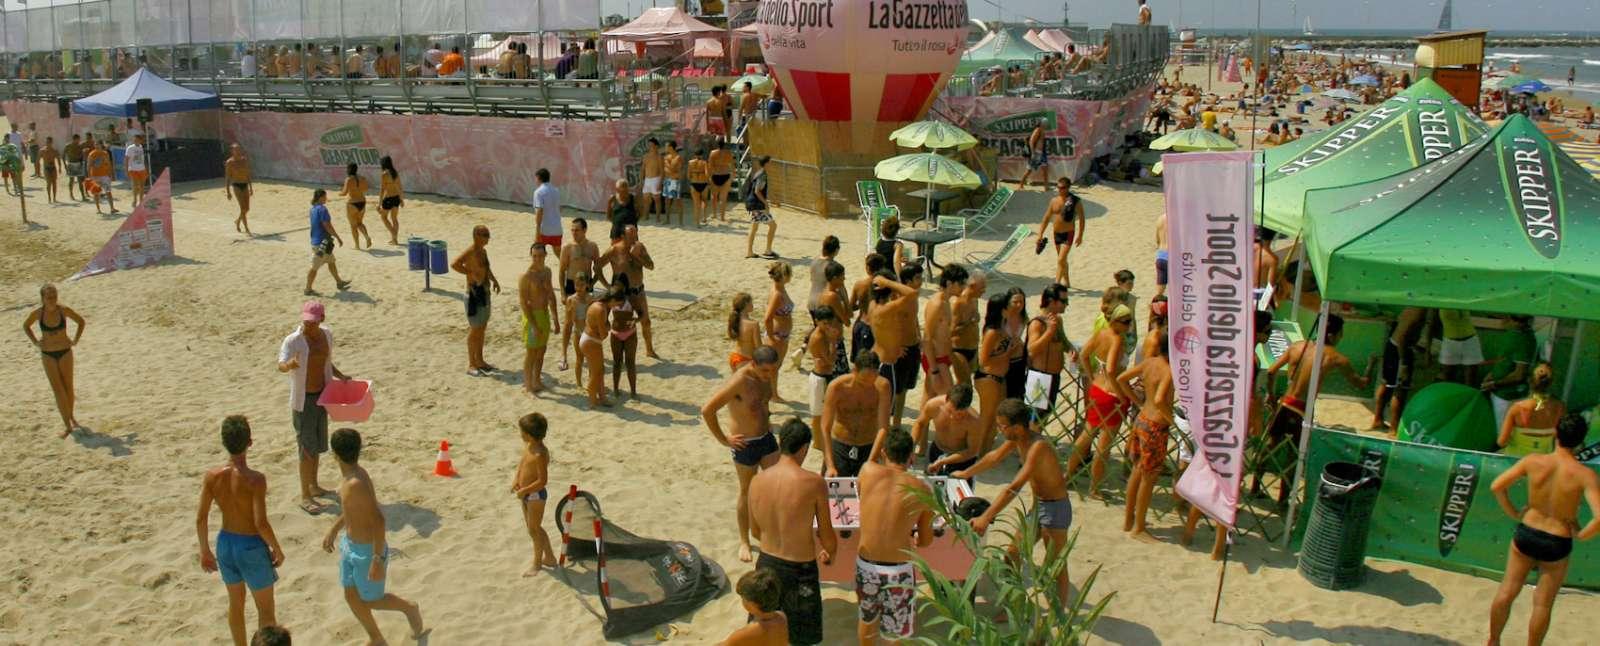 Den livliga stranden vid Rimini